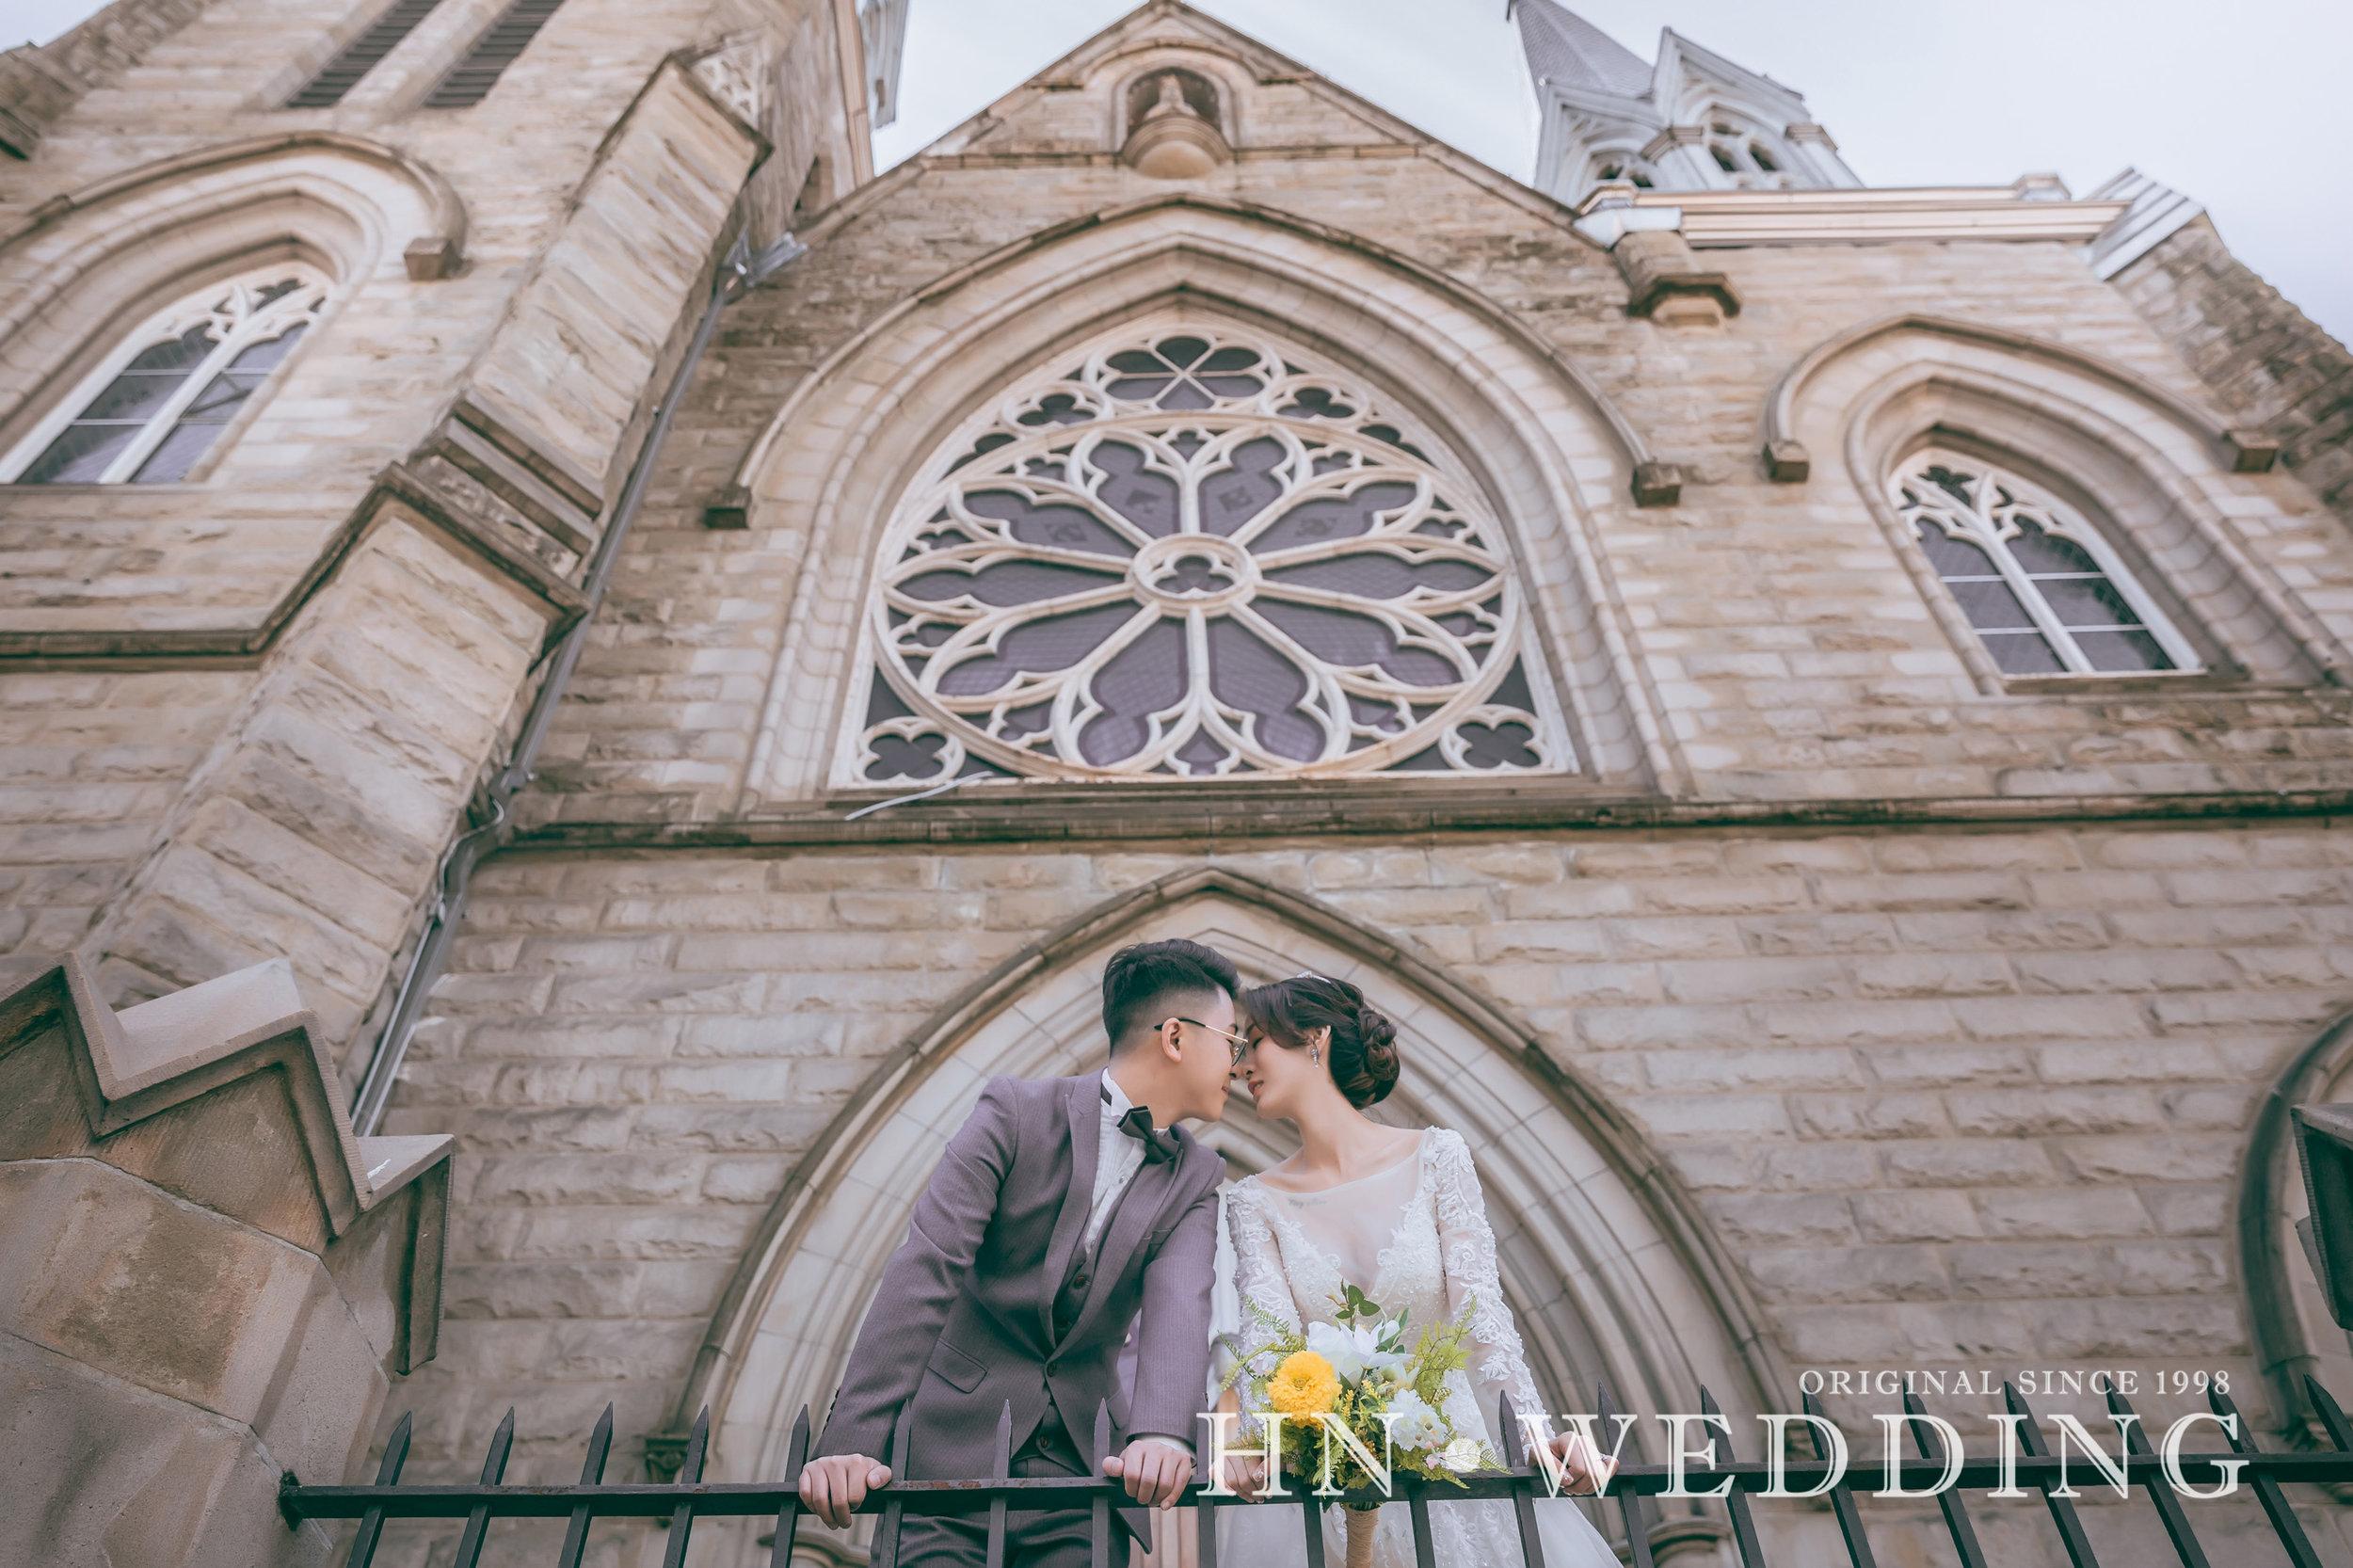 hnweddingprewedding0905--7.jpg